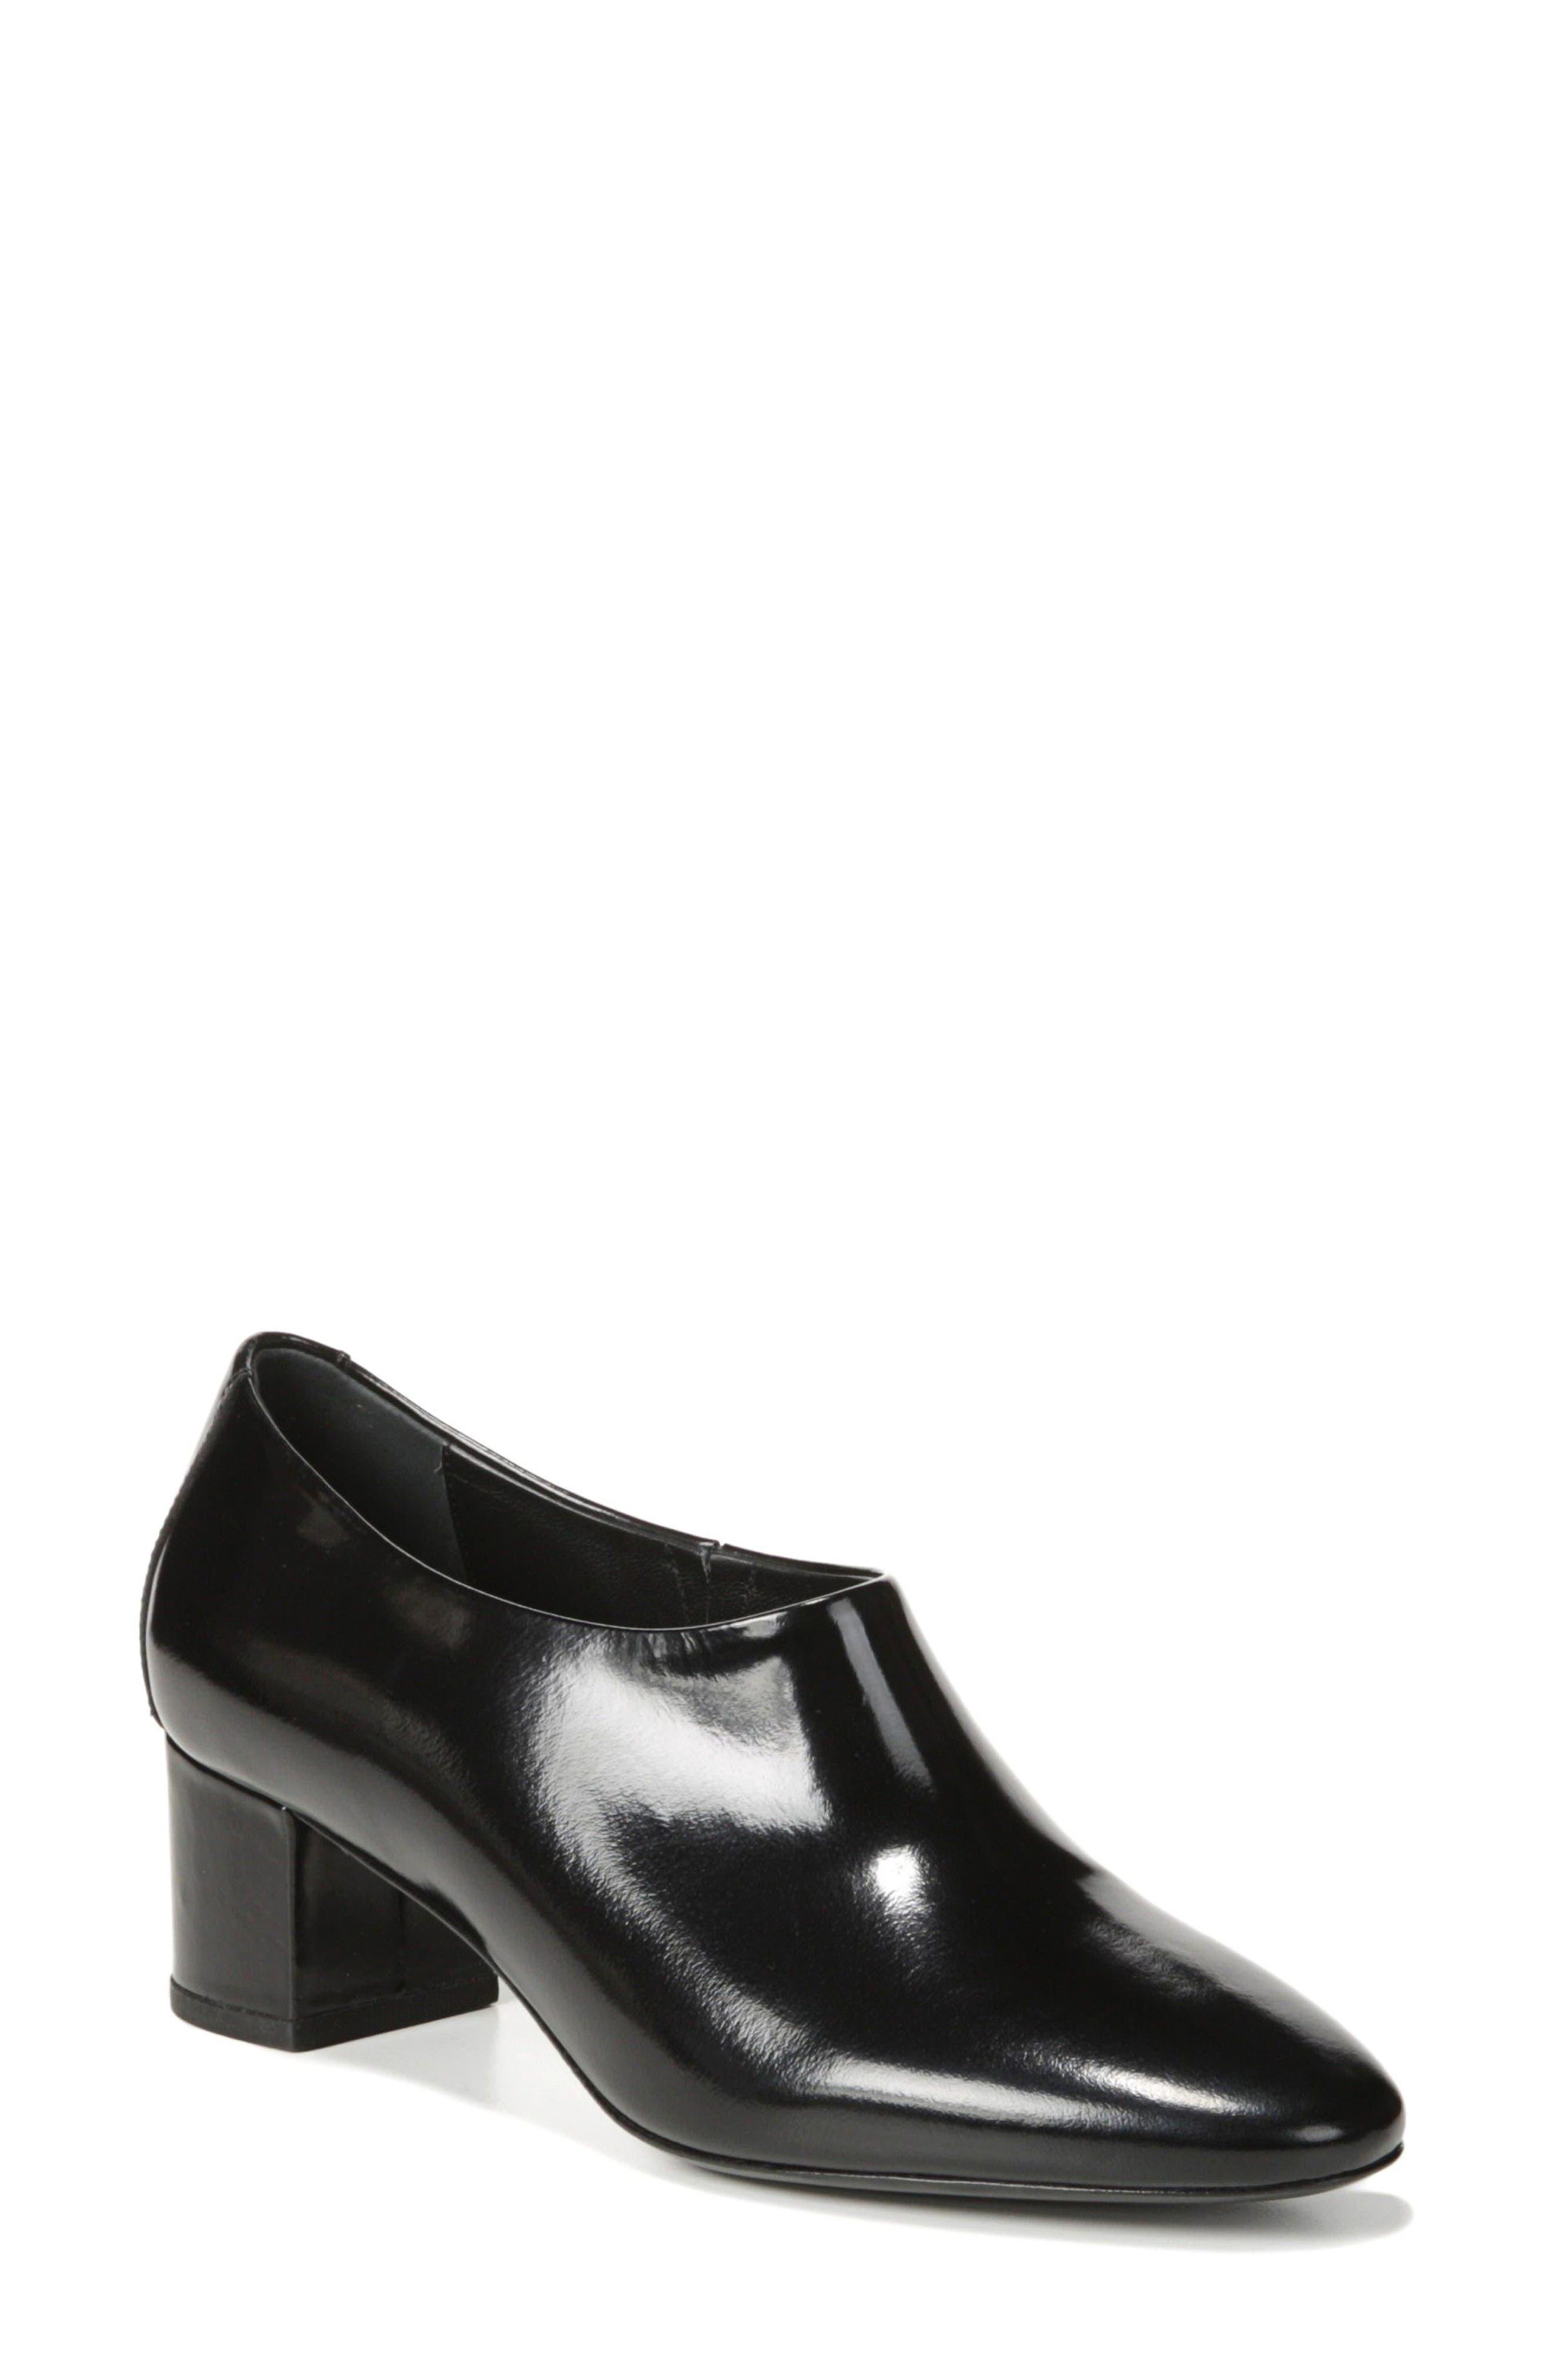 Josie Pump,                             Main thumbnail 1, color,                             Black Leather